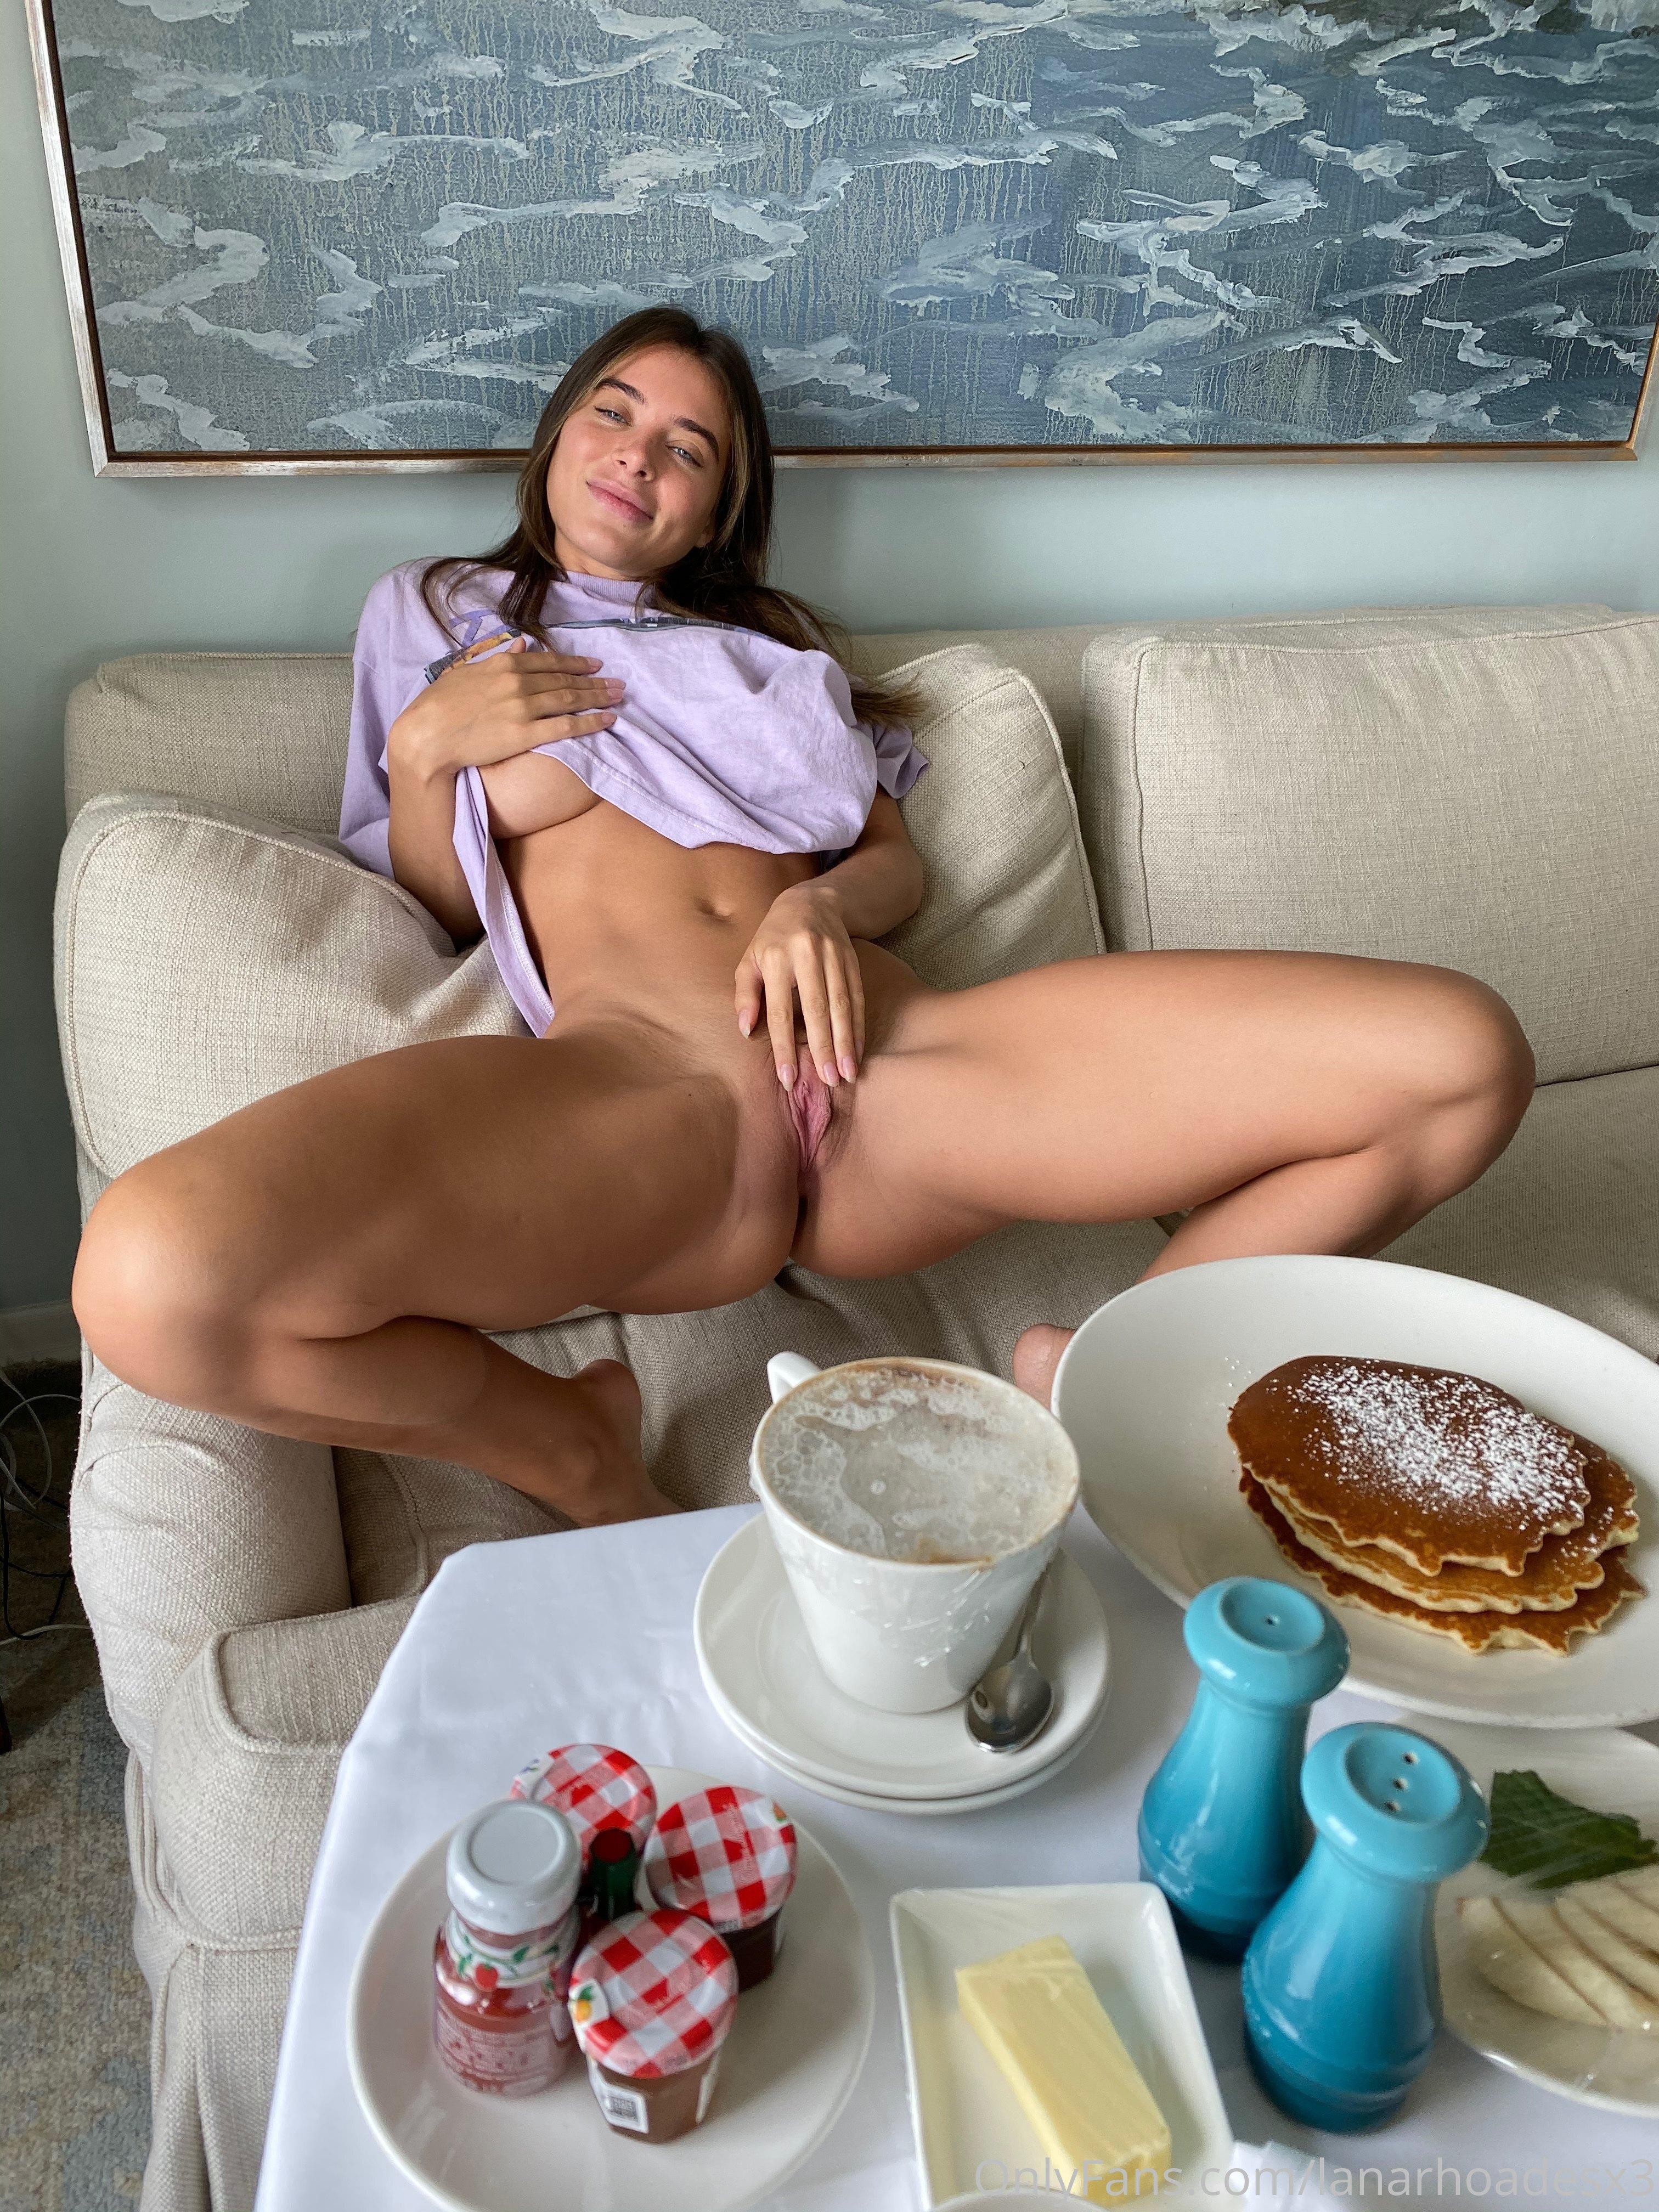 Lana Rhoades, Lanarhoades, Onlyfans Nude Leaks 0027